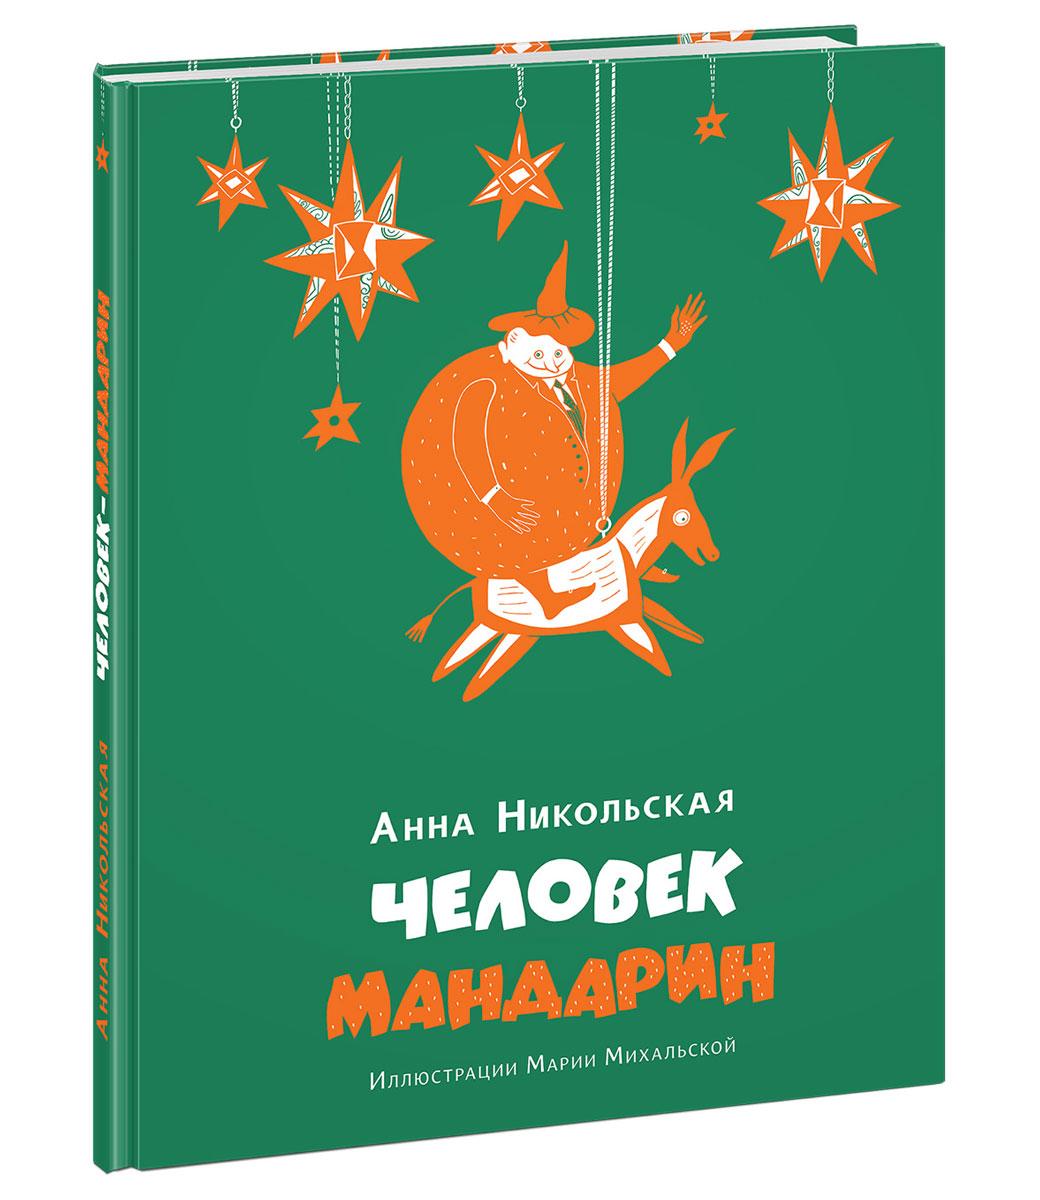 Анна Никольская Человек-мандарин